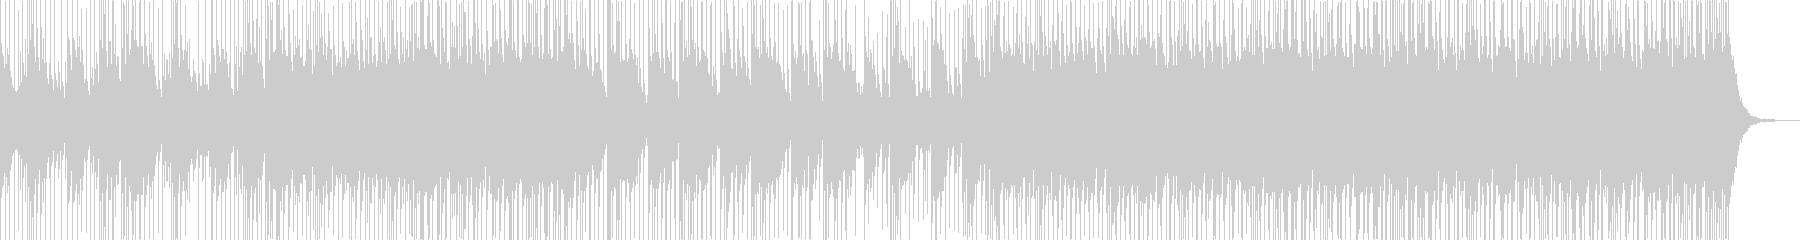 シンプルに和太鼓と三味線での演奏の未再生の波形